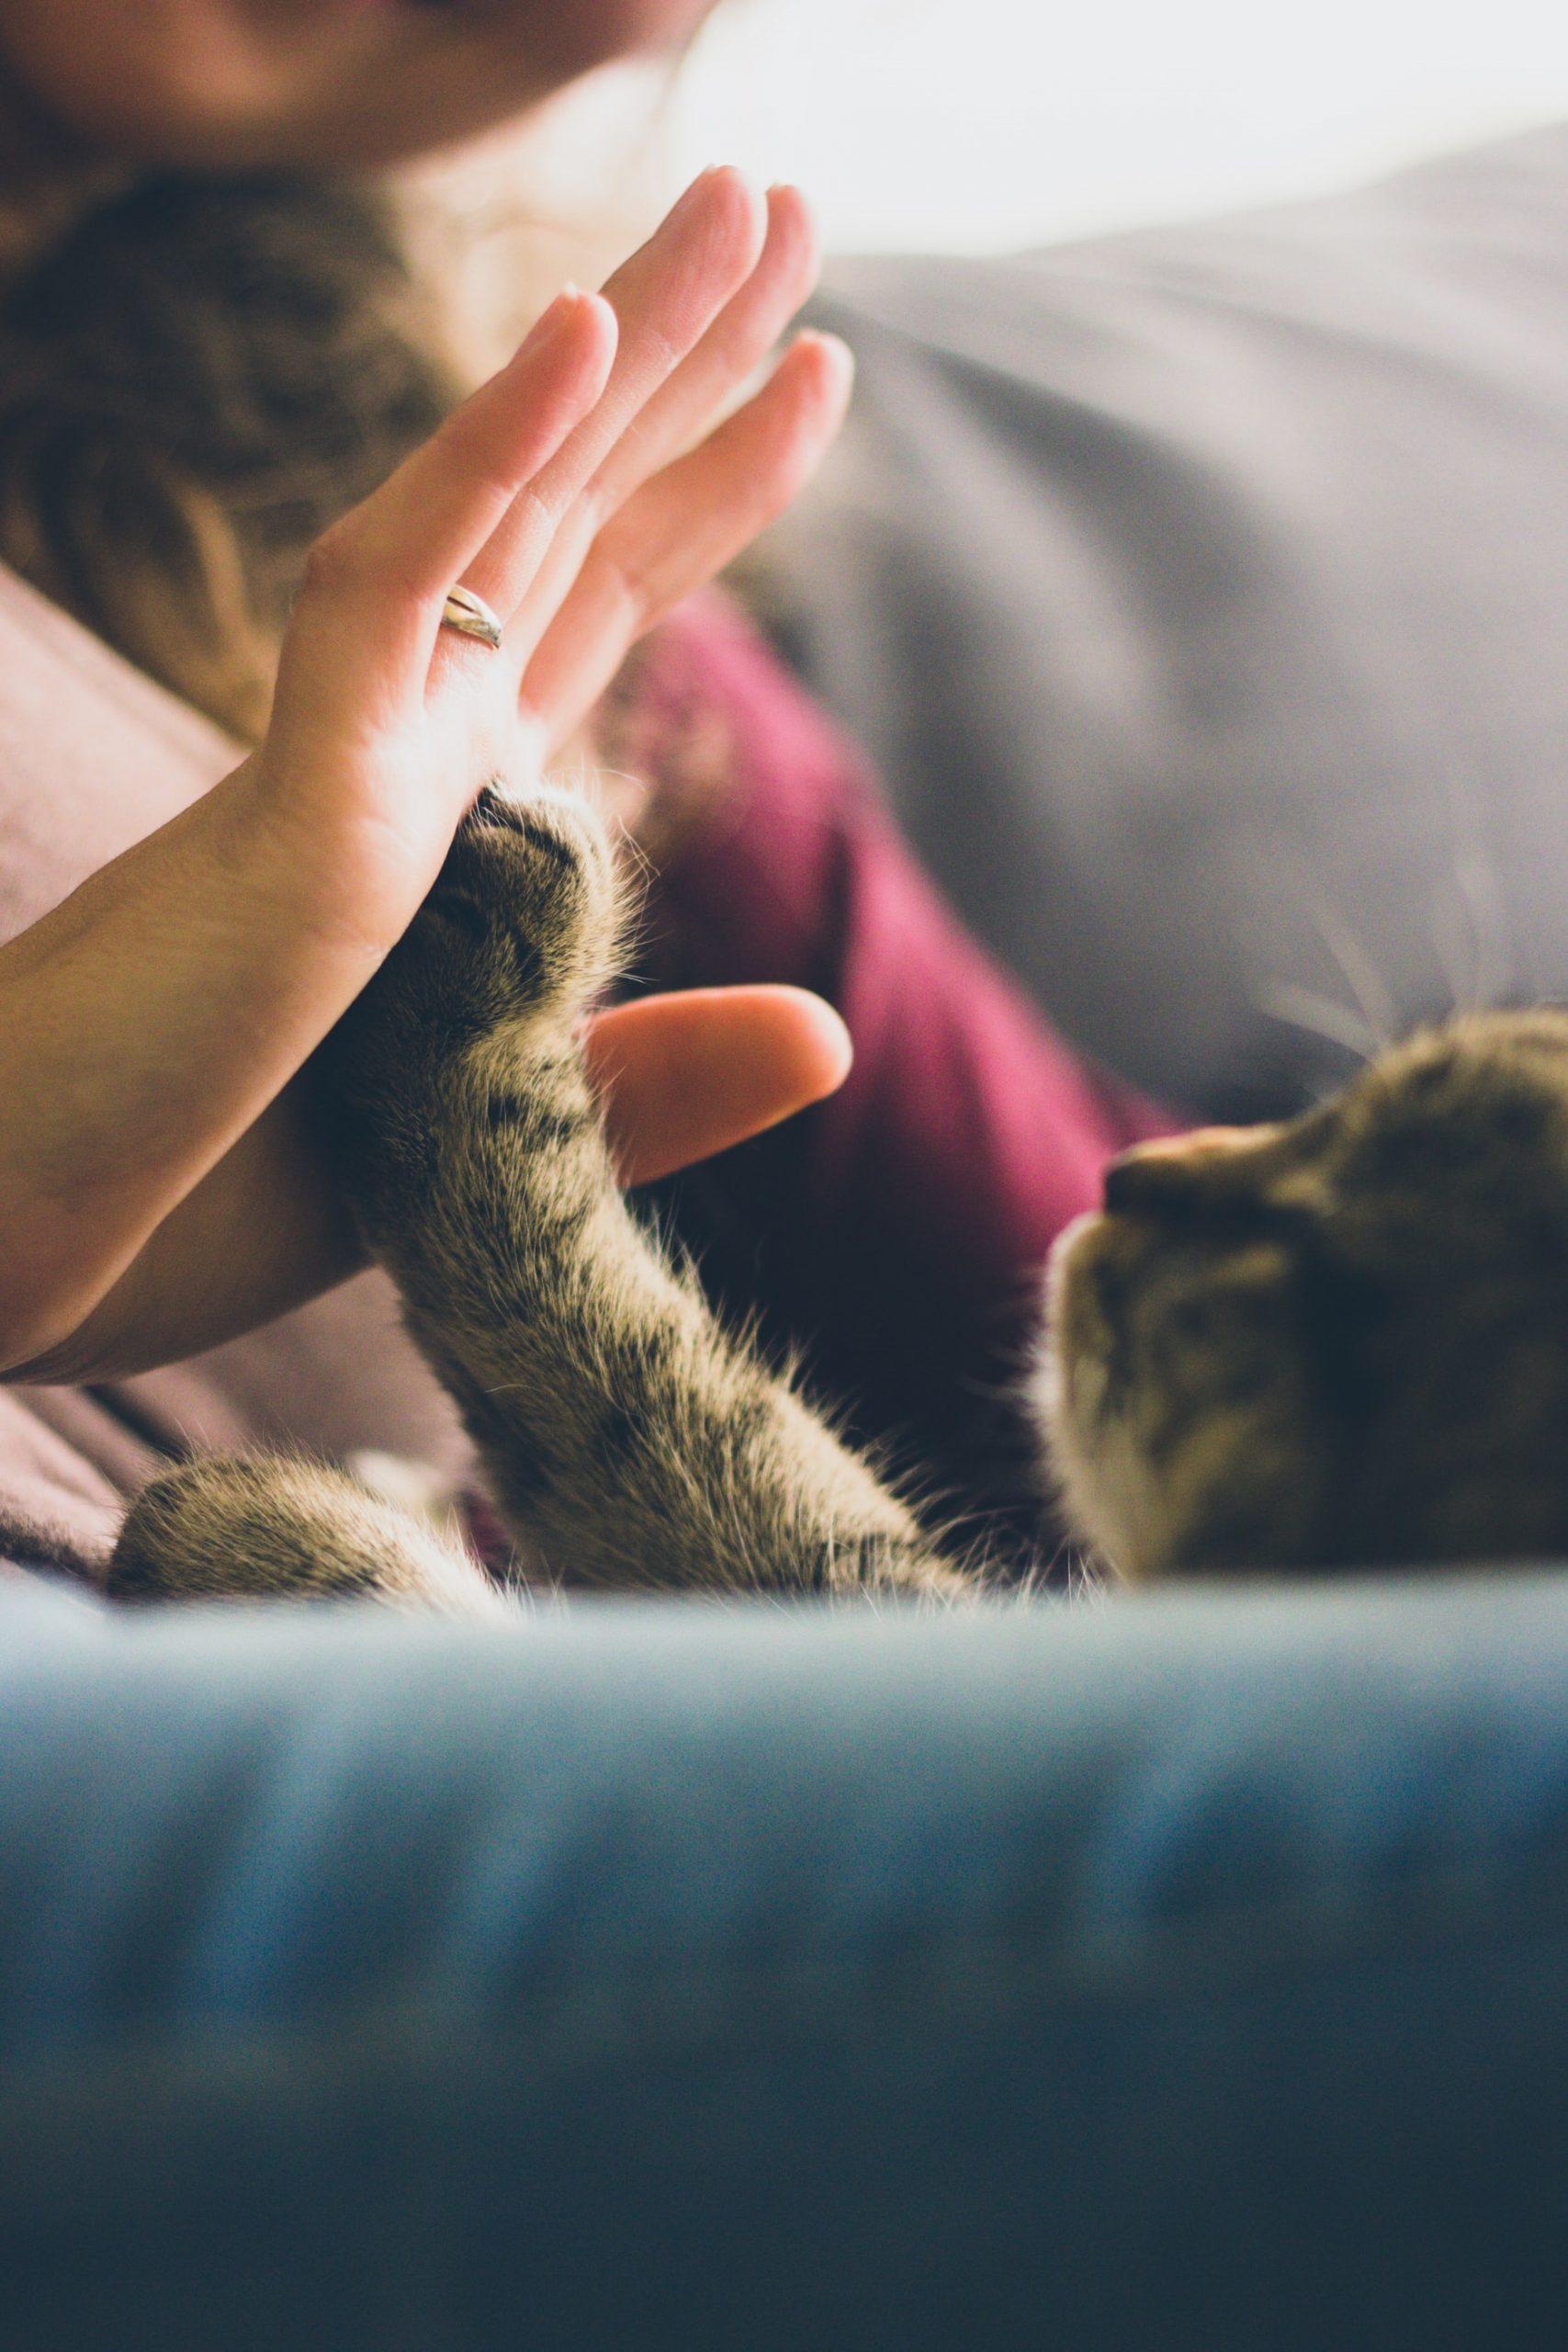 Gatos são carinhosos